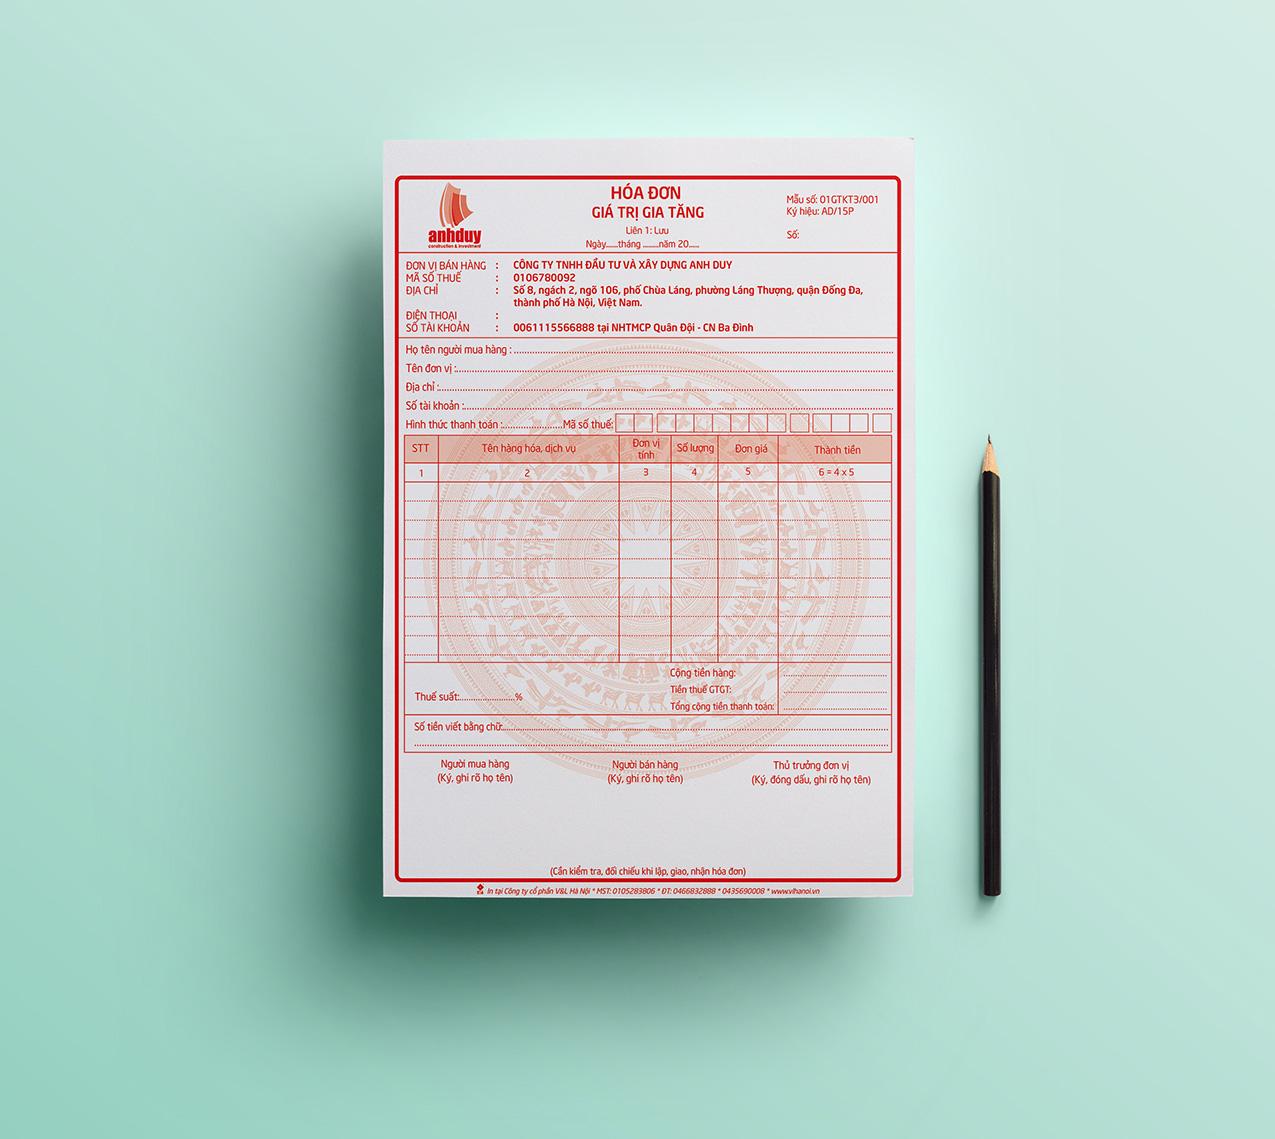 Thủ tục mua hóa đơn của Hộ kinh doanh cá thể